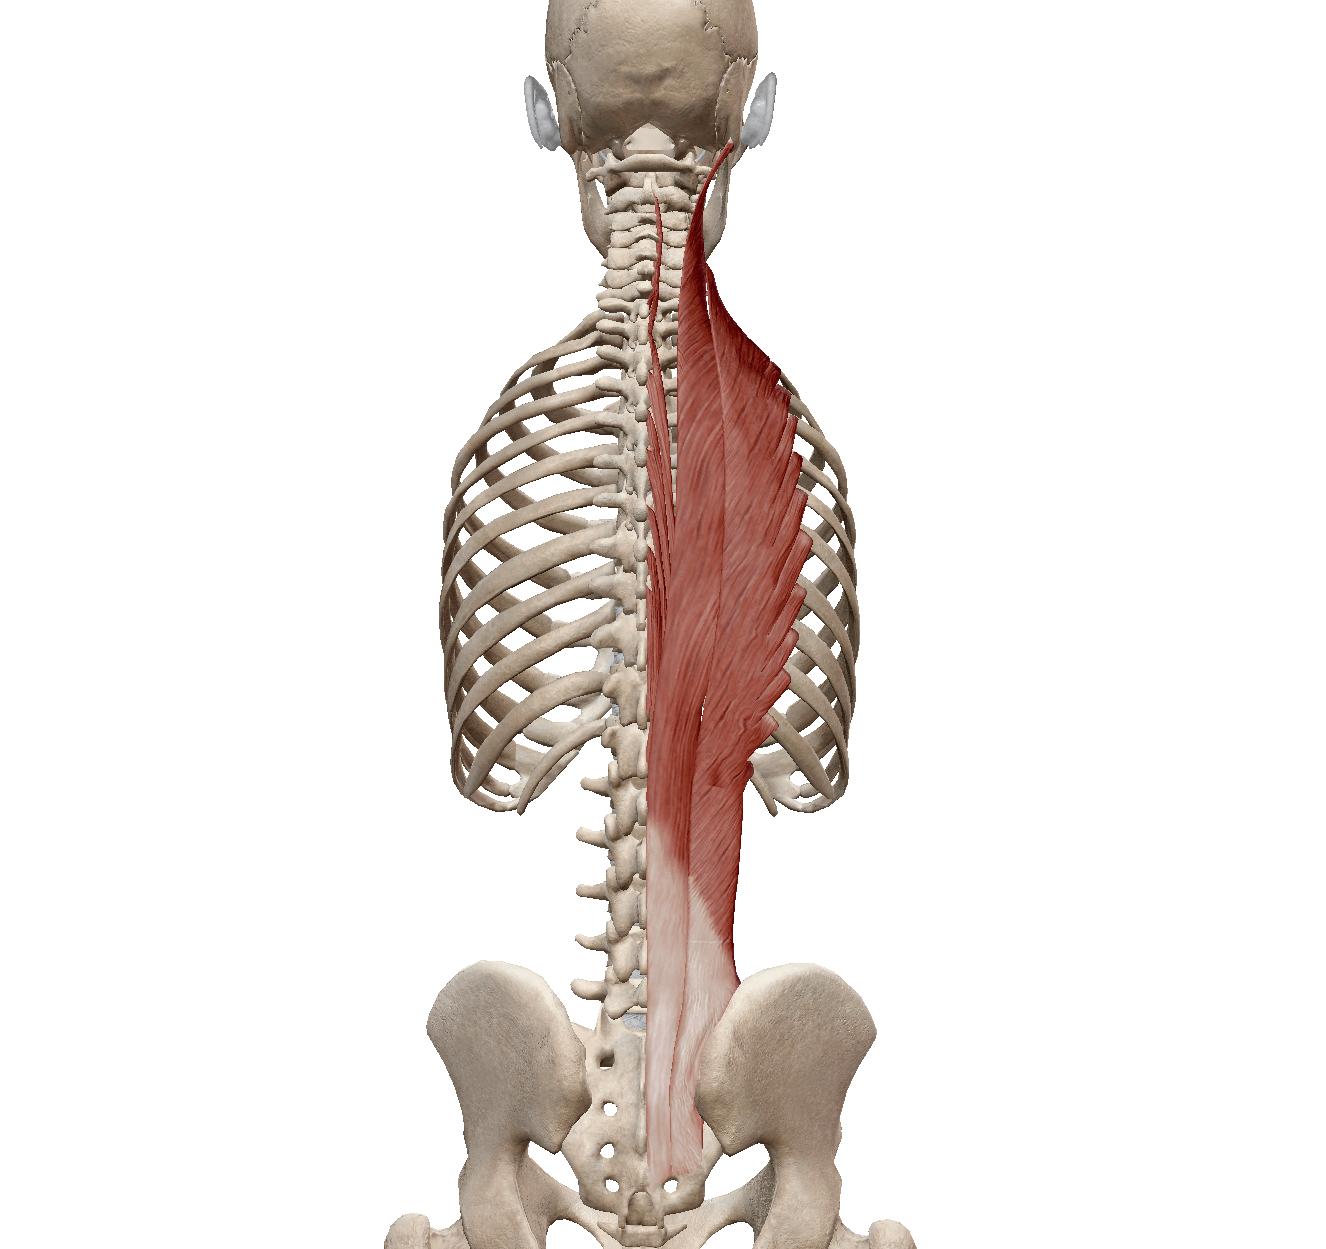 脊柱起立筋群(棘筋・最長筋・腸肋筋)